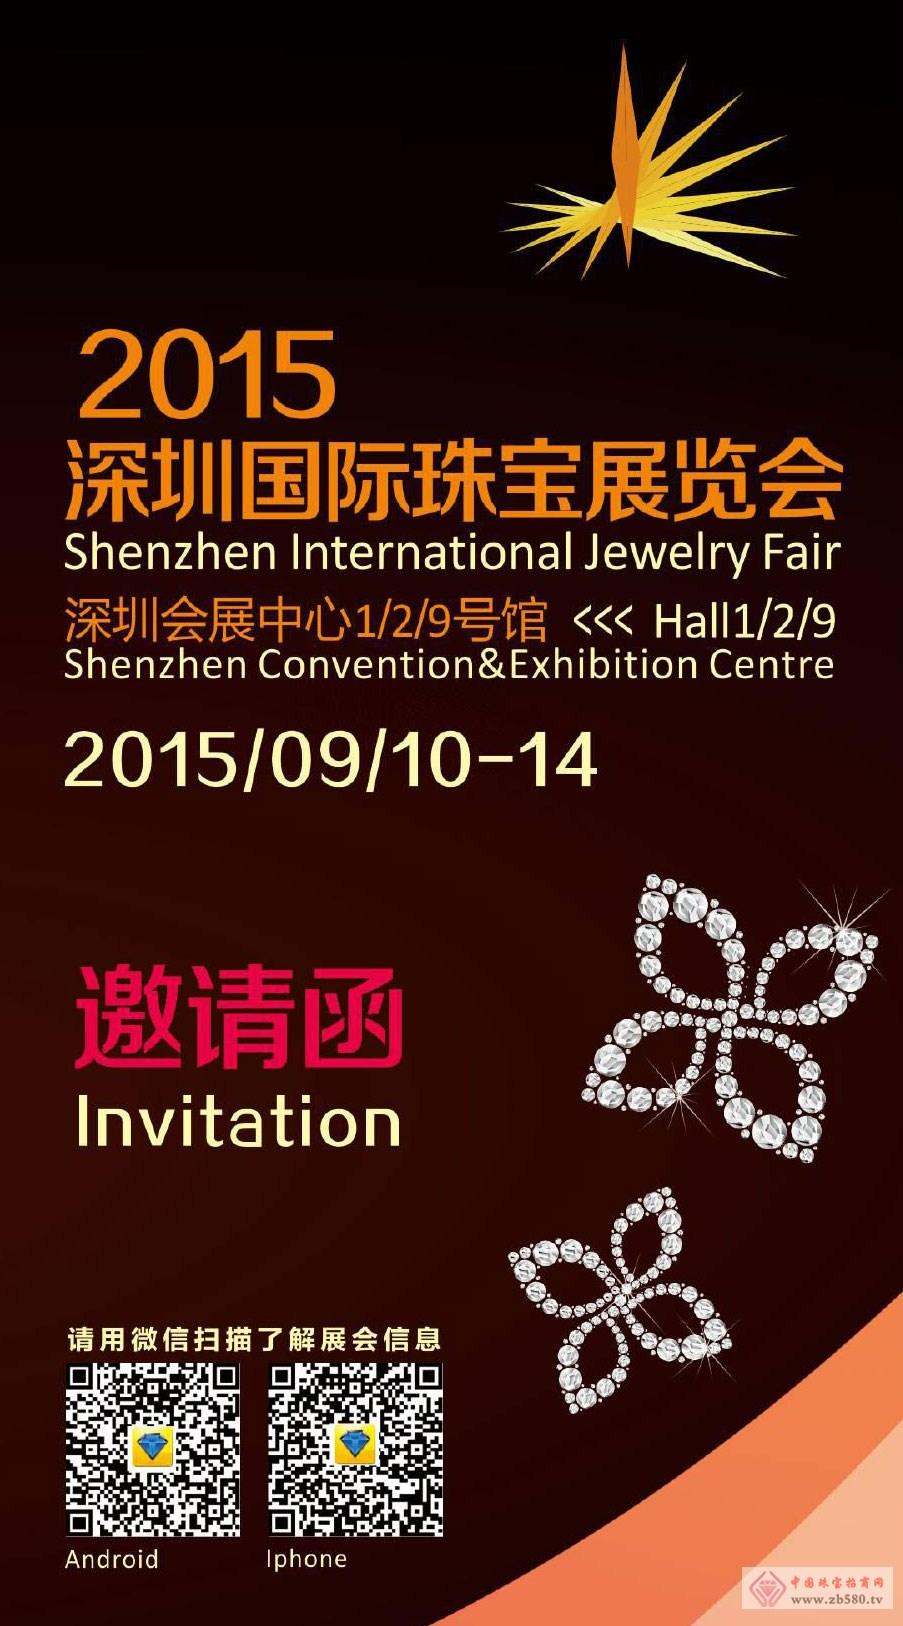 2015年深圳珠宝展